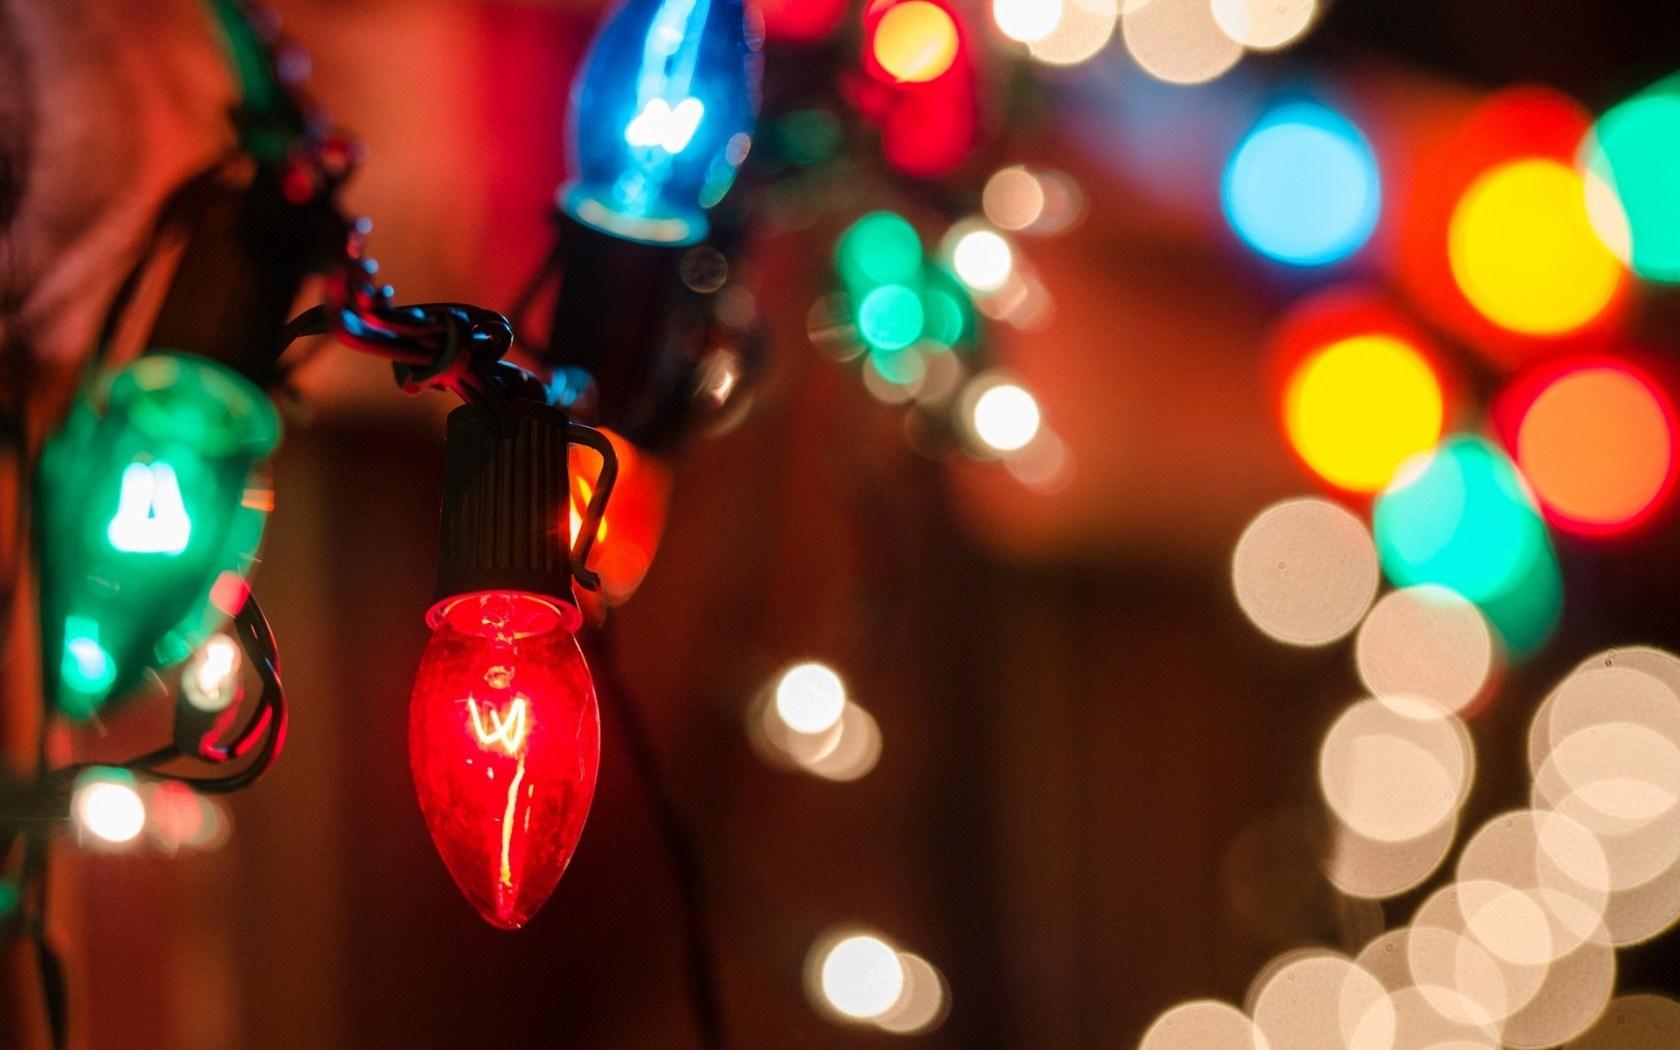 Holiday Lights Garland Bokeh New Year